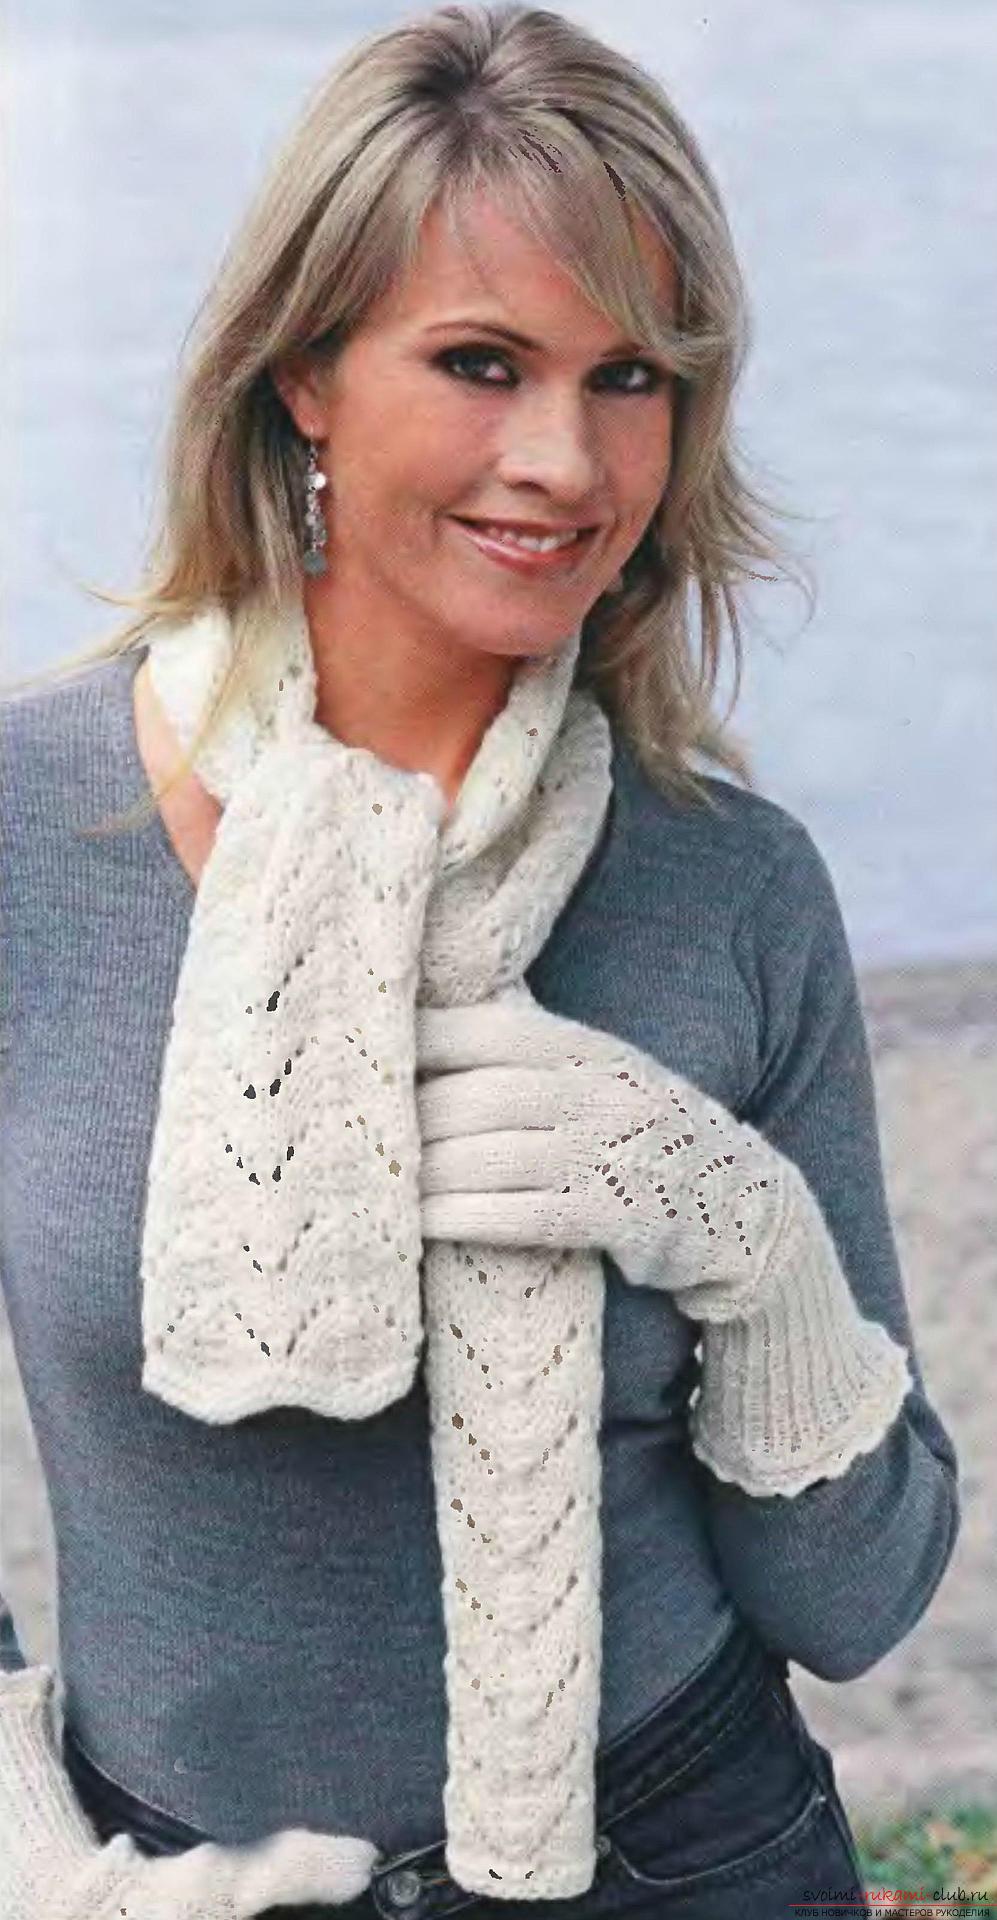 Вязание спицами, схема шарфа, как связать шарф спицами, схема шарфа-снуда, шарф-хомут спицами, советы, рекомендации, подробные описания и фото готовых изделий.. Фото №15